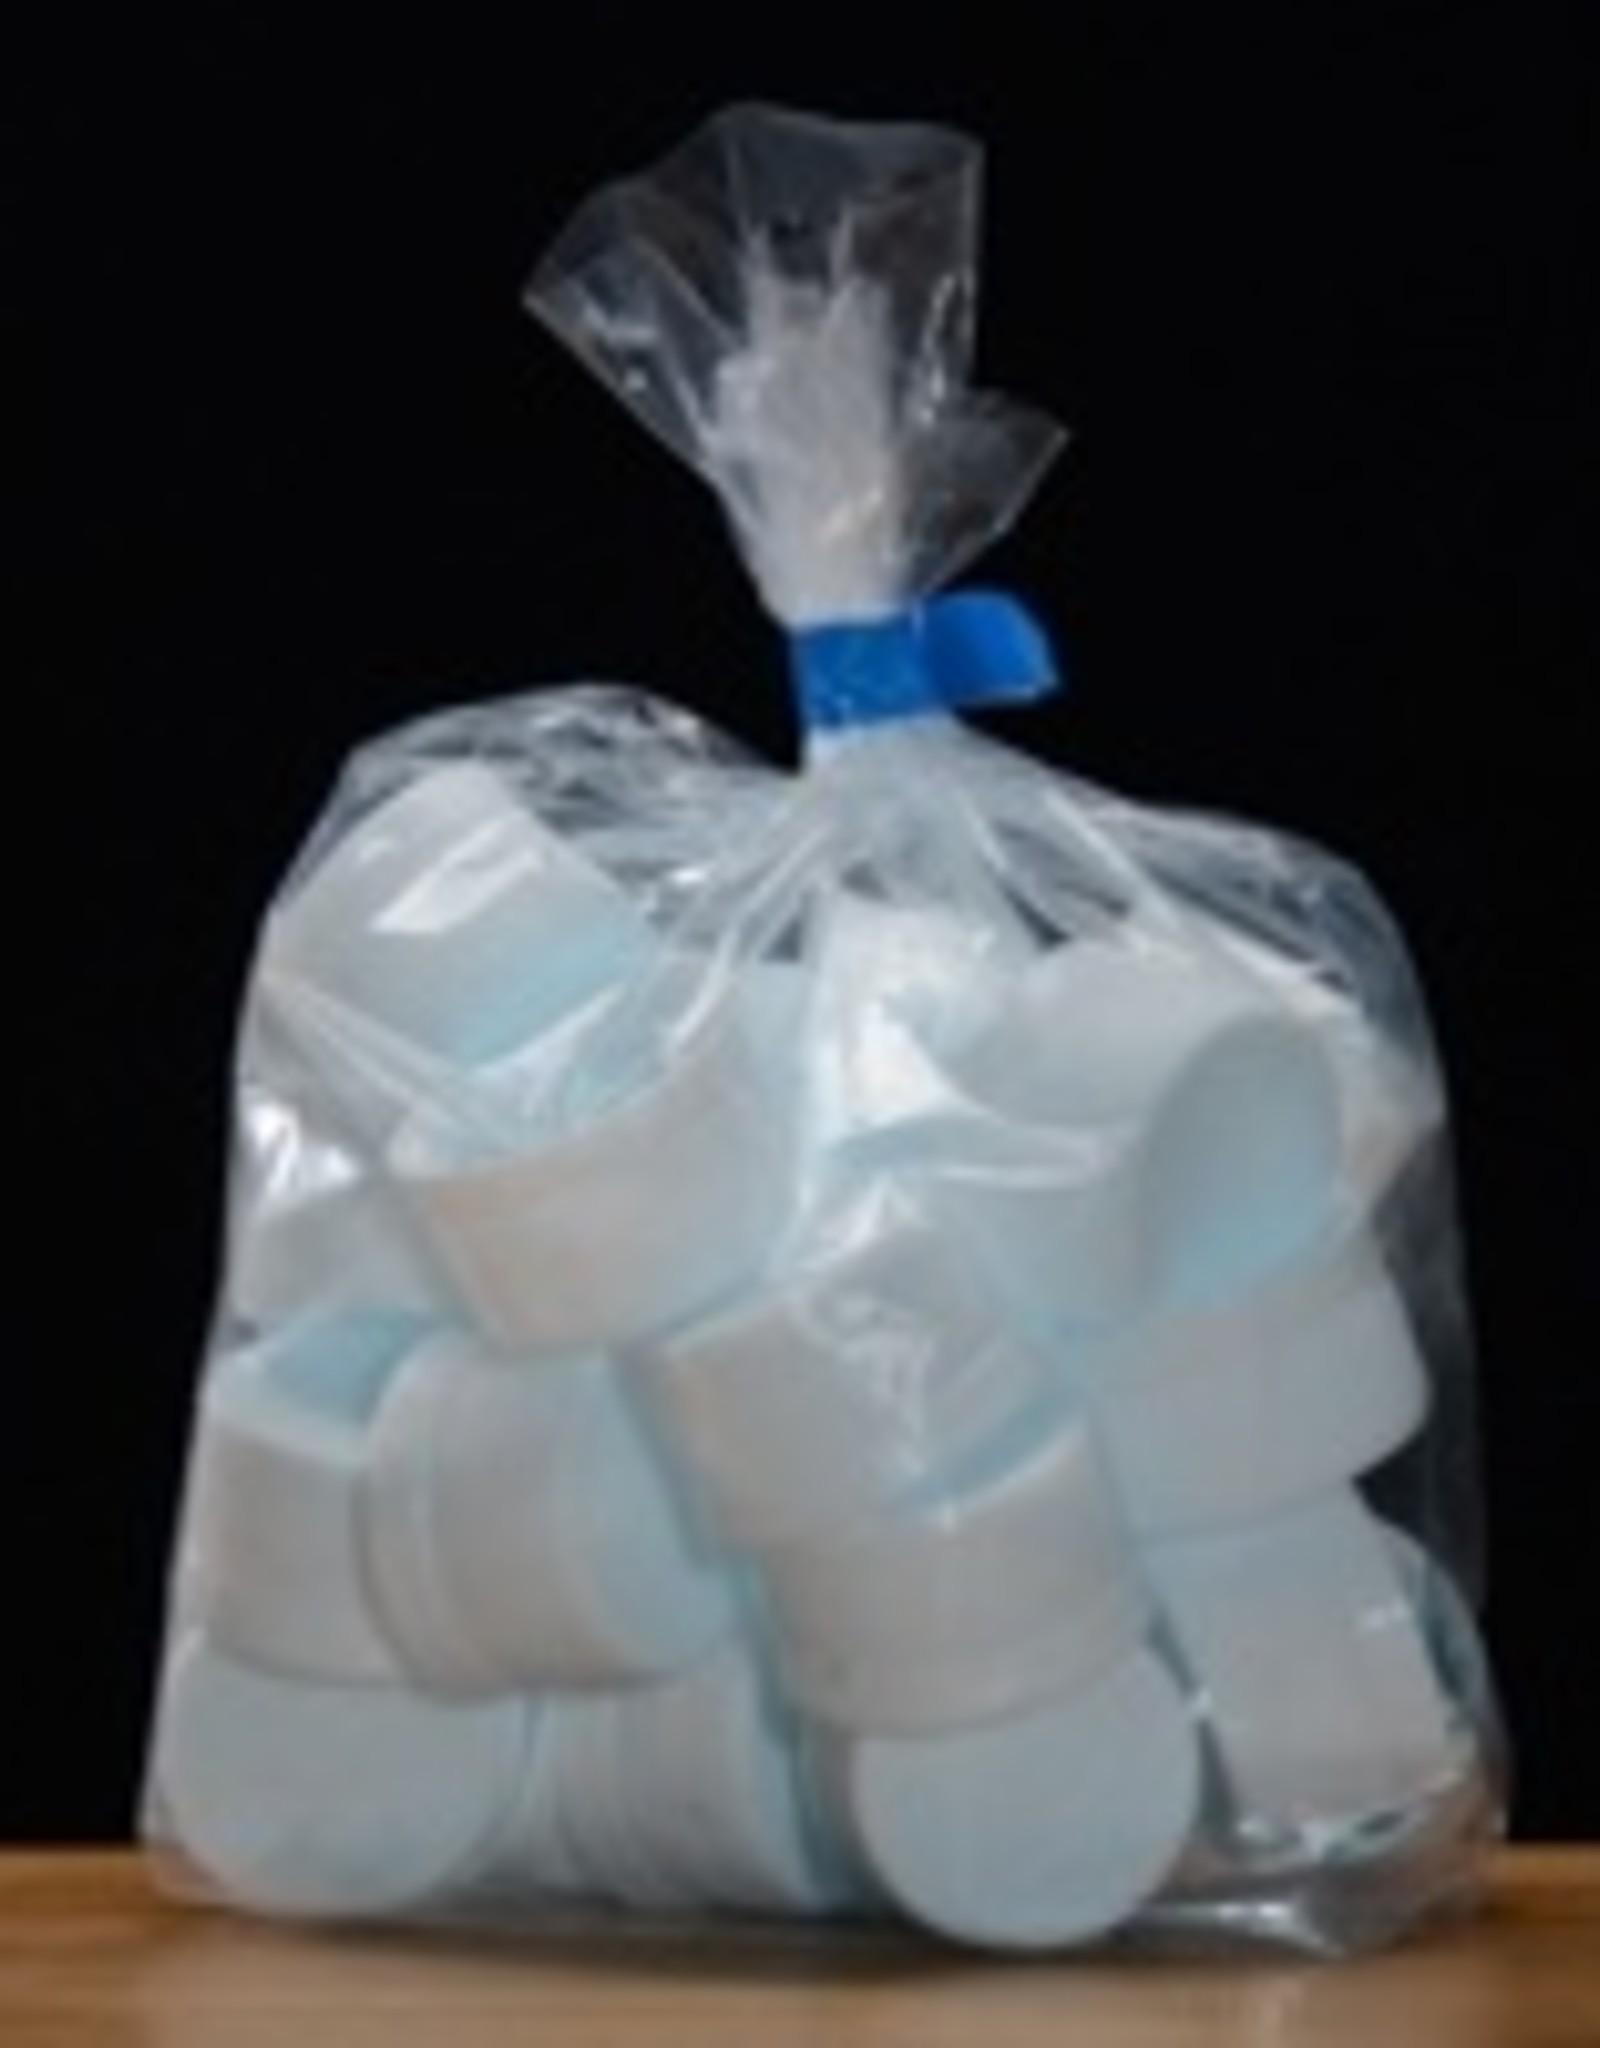 Plastic tamper evident Screw Caps, 28mm, bag of 25